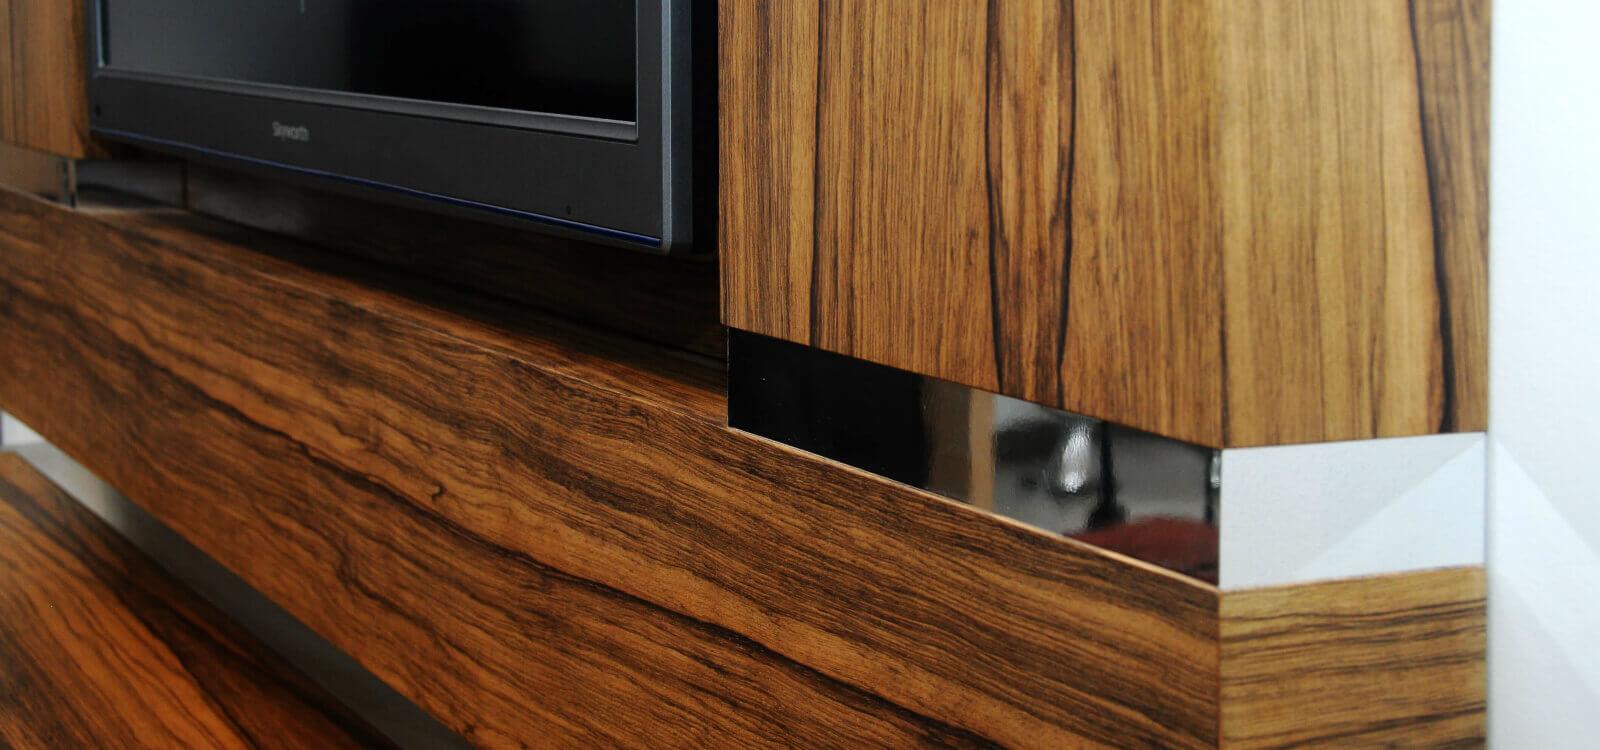 מסגרת לטלויזיה מעץ